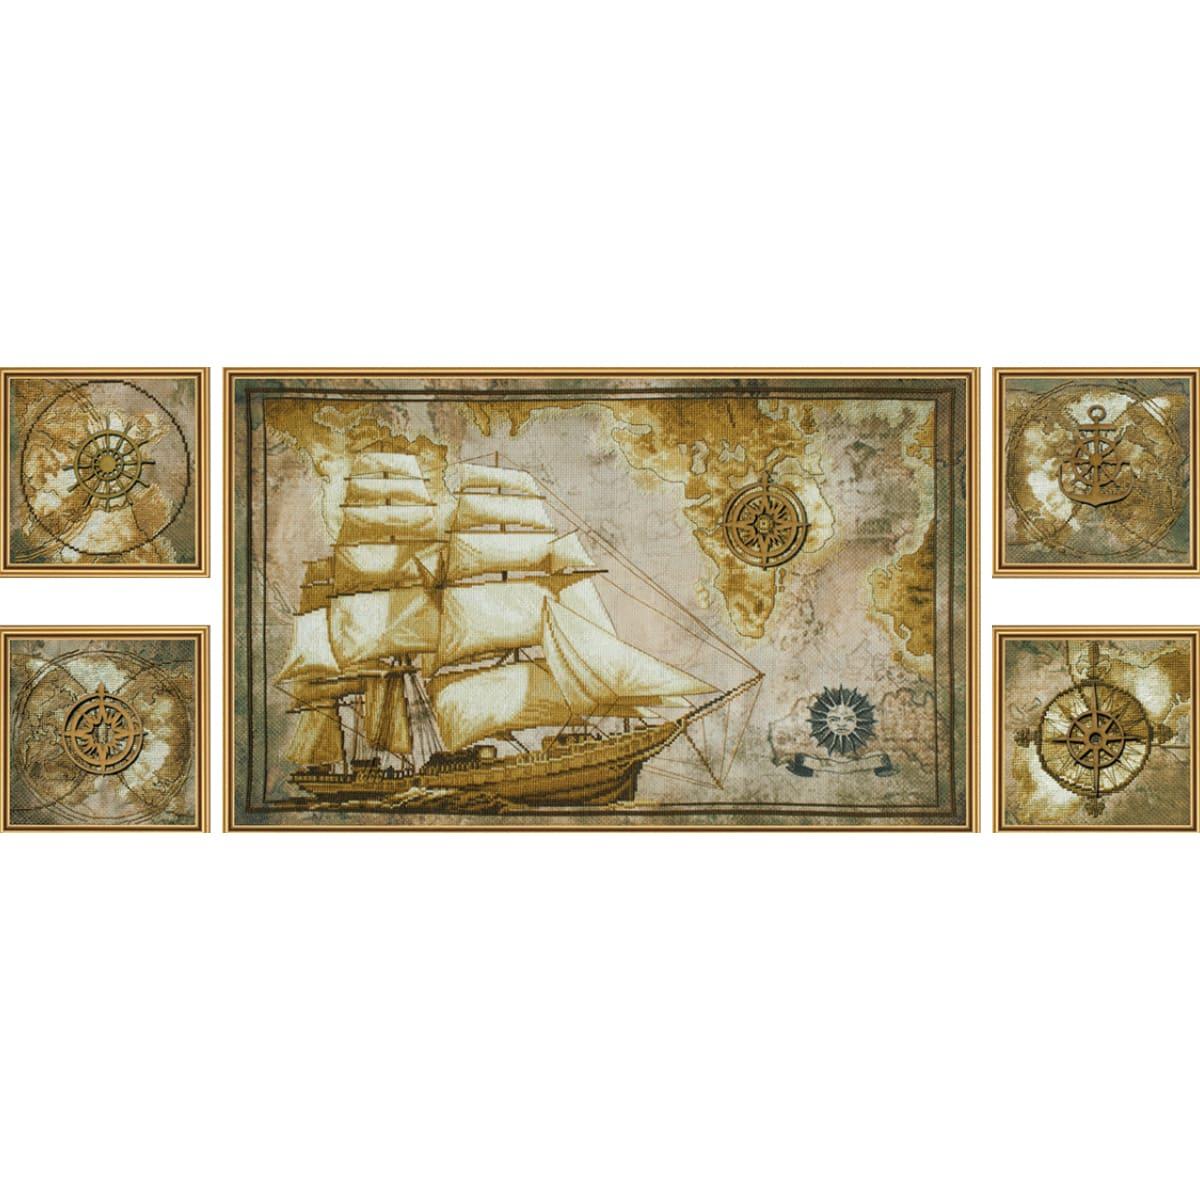 СВ6584 Набор для вышивания 'Нова Слобода' 'Морское путешествие', 4 части 14*21,1 см, часть 55*34 см